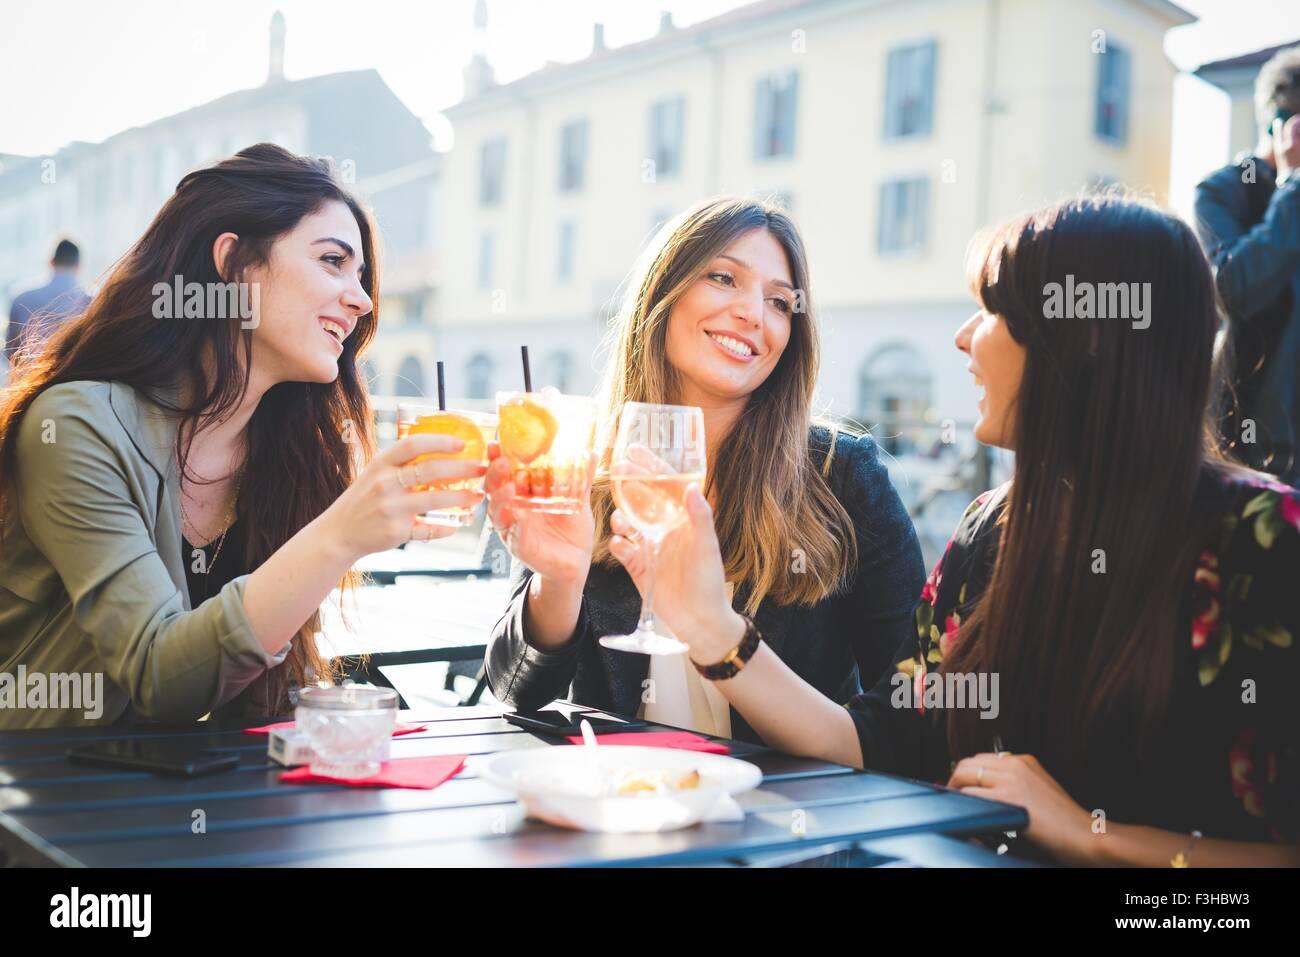 Drei junge Frauen einen Toast in Straßencafé Stockfoto